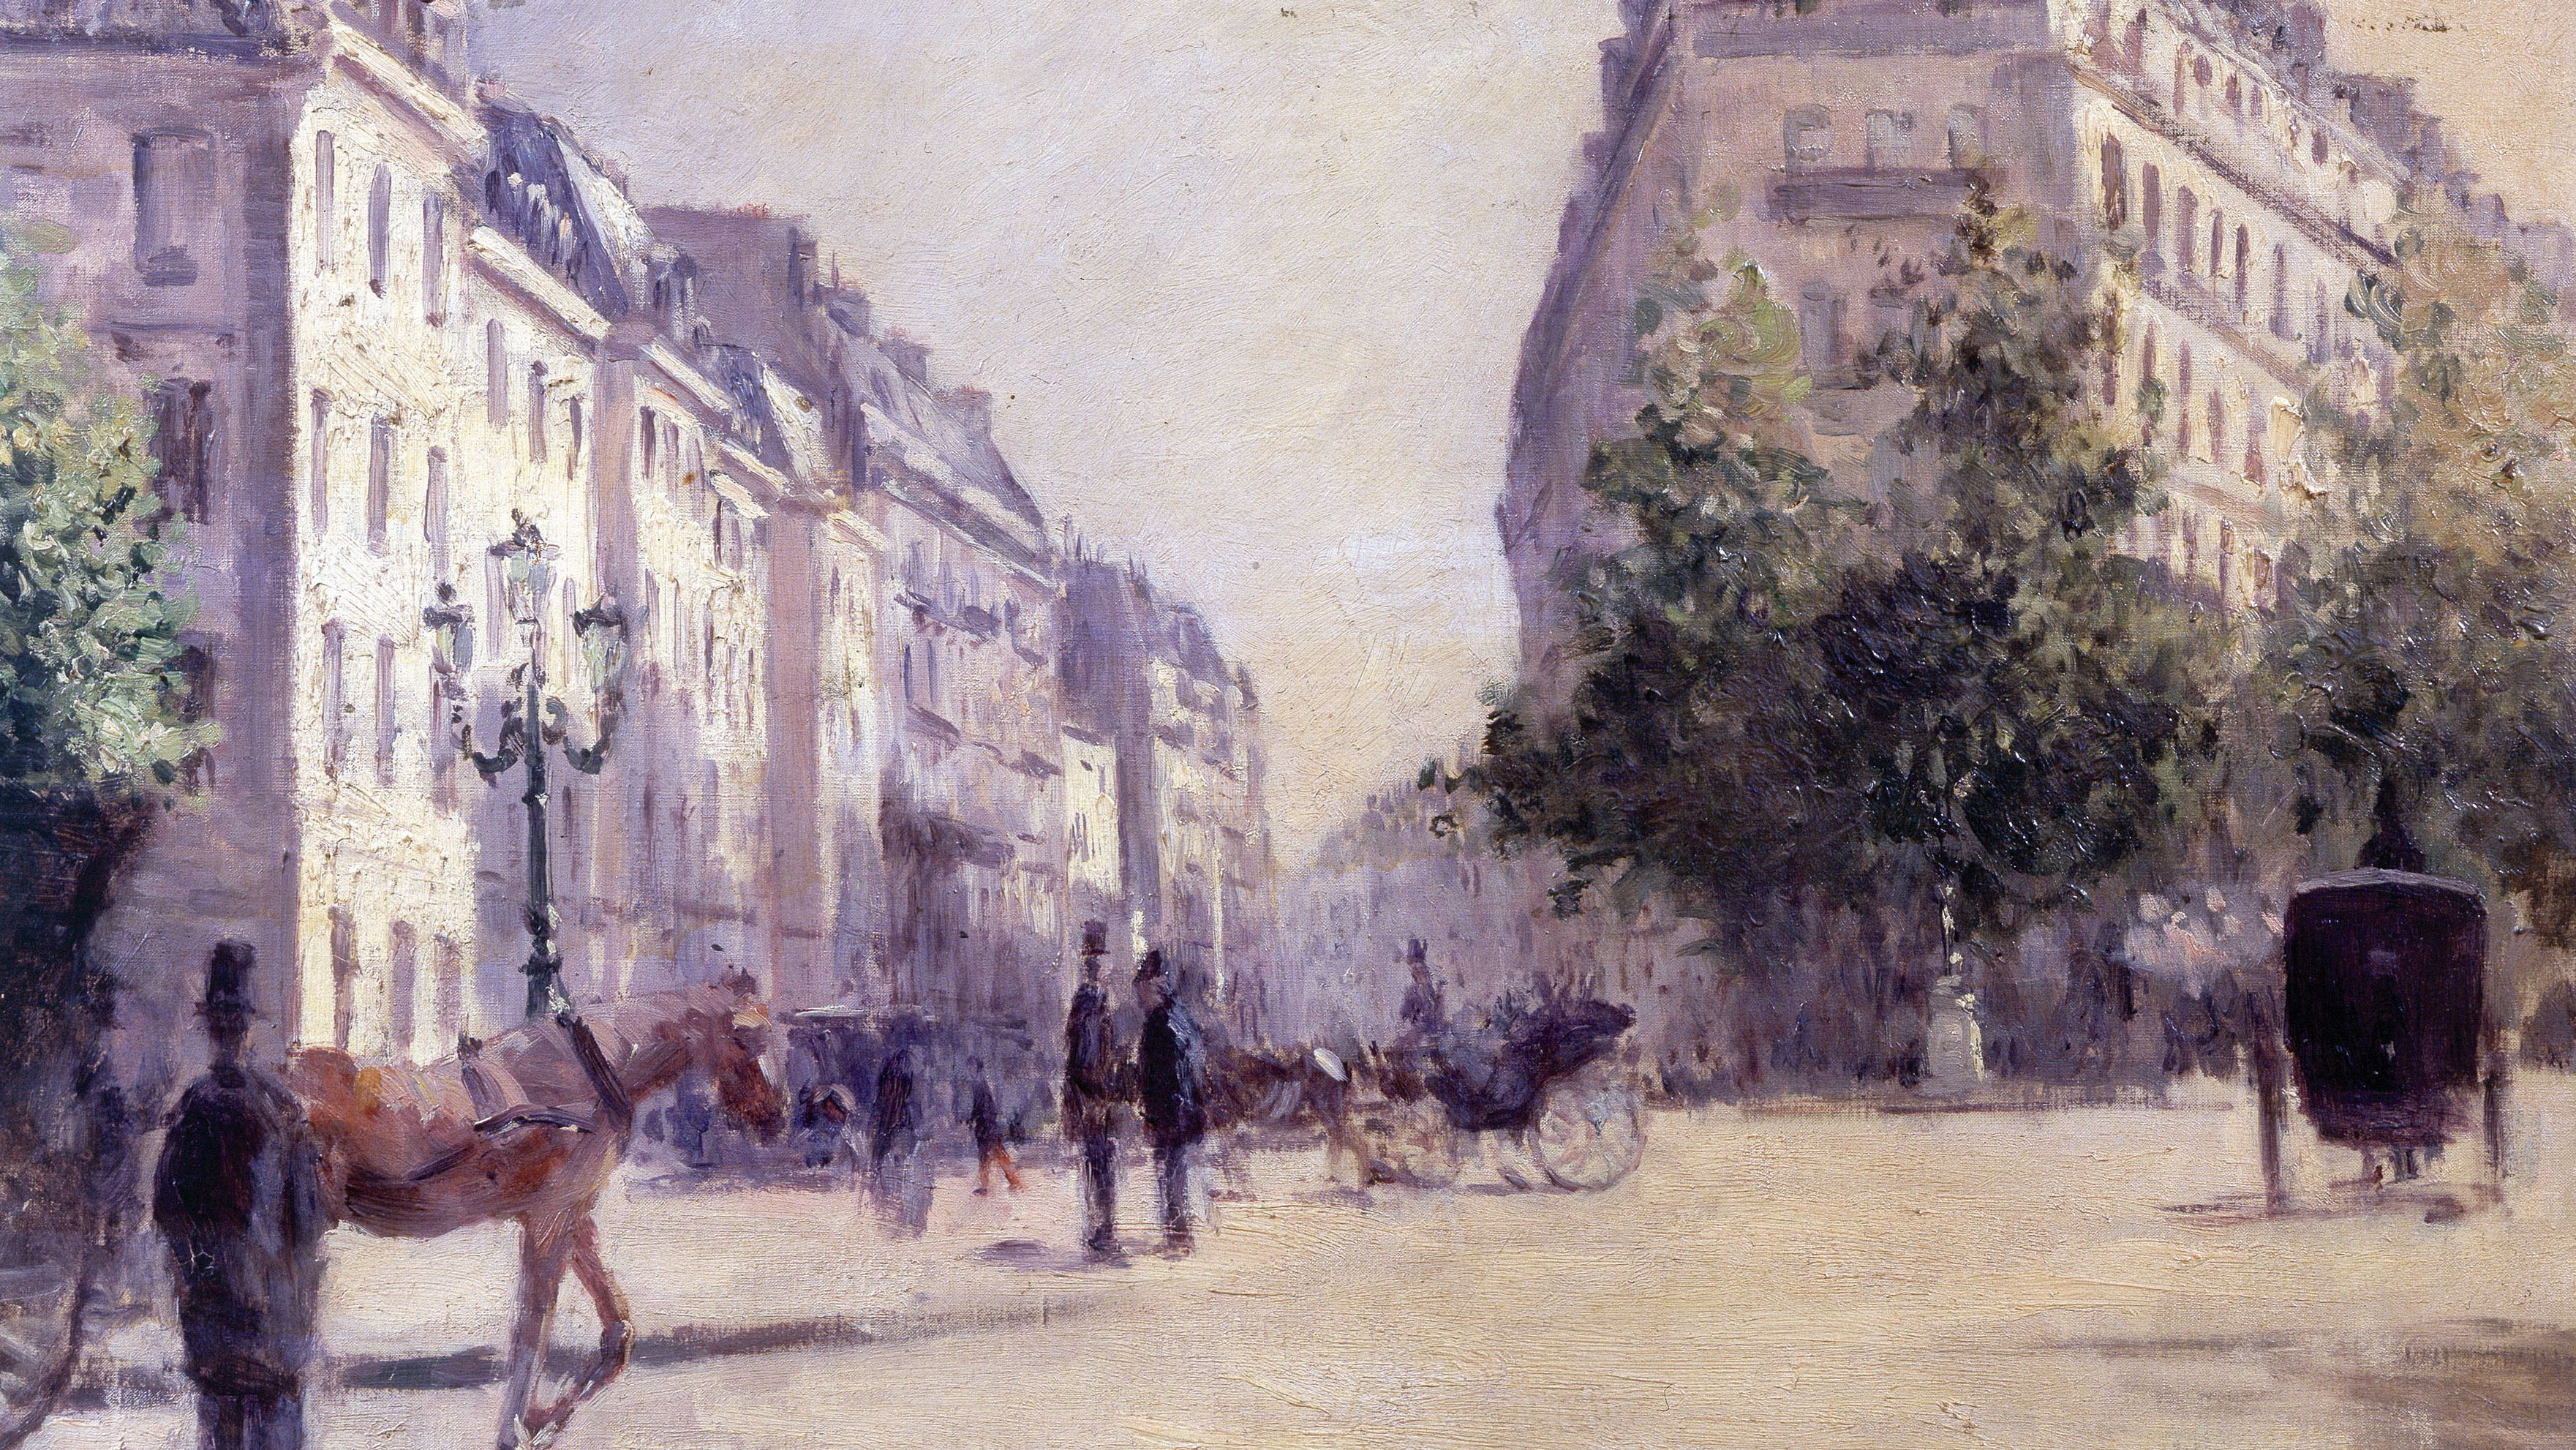 Gustave Caillebotte Die Kaserne Pépinière [La Caserne de la Pépinière], 1878